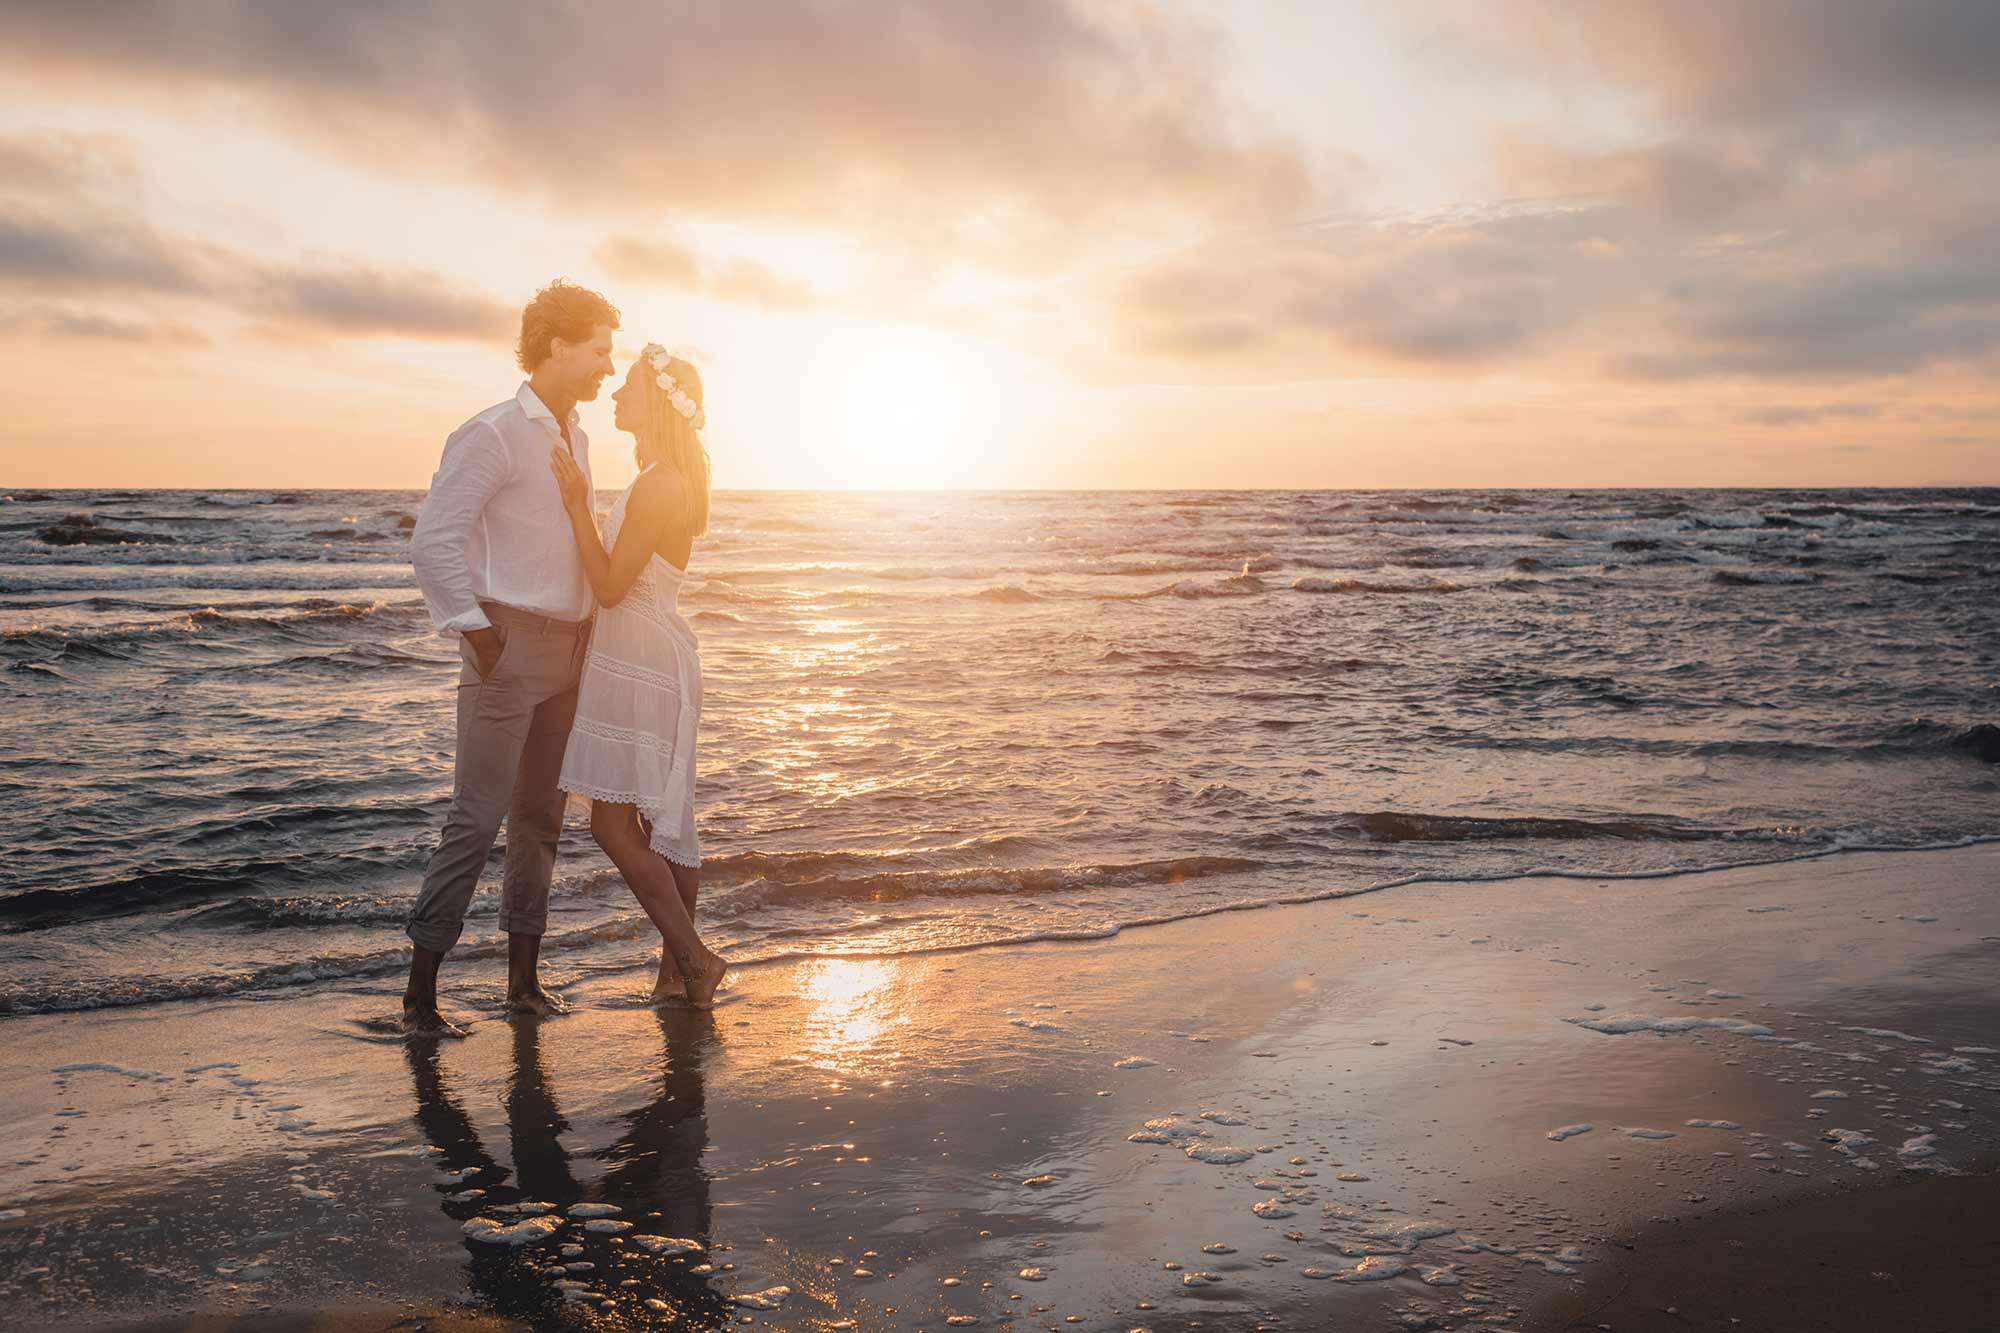 Hochzeitsfotograf Insel Usedom Trauung Brautpaar zum Sonnenaufgang